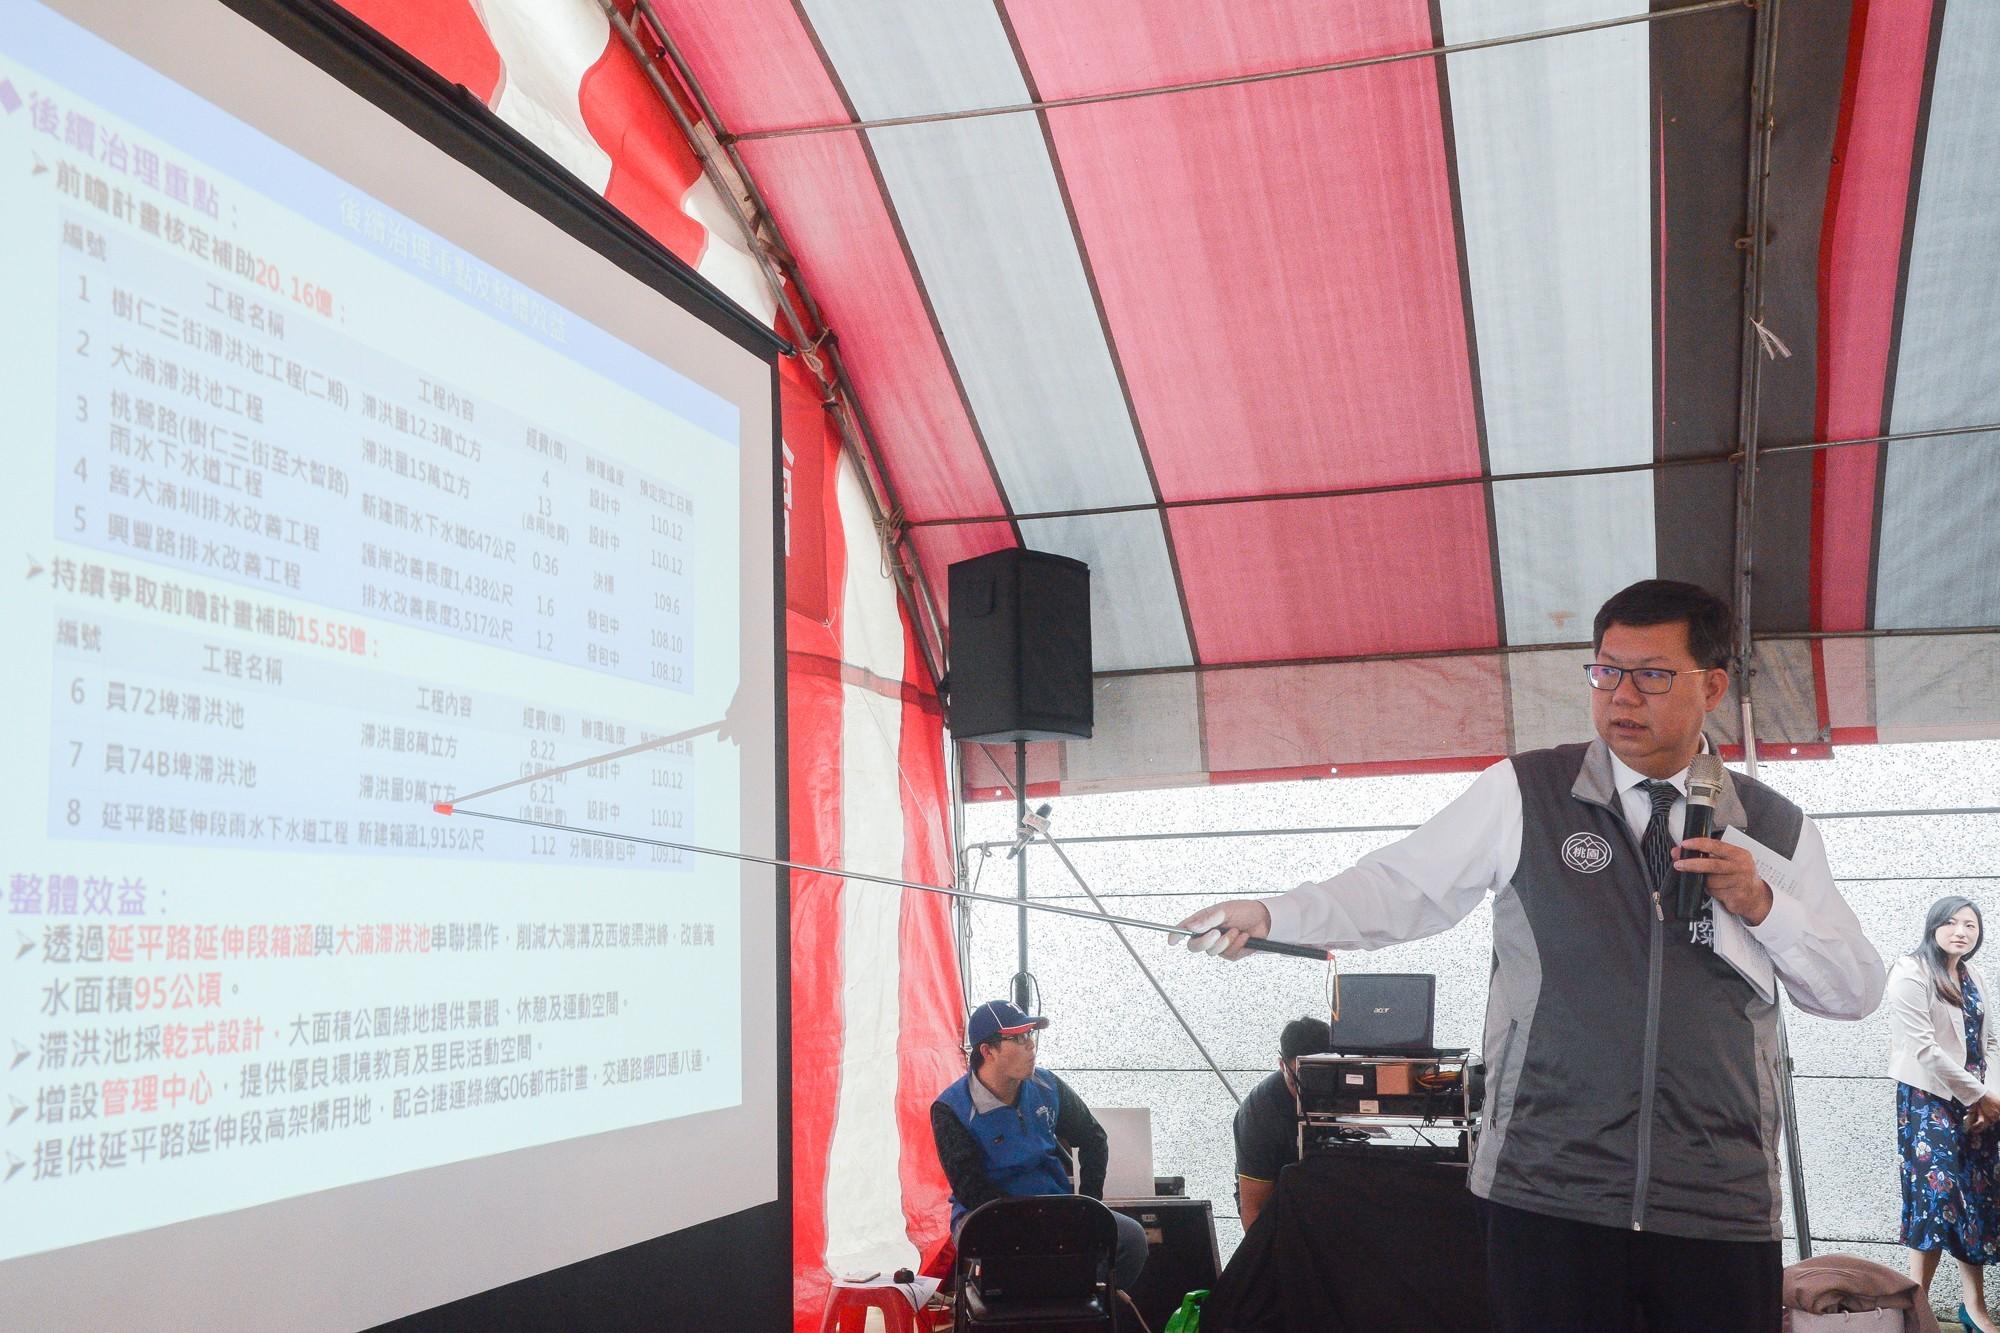 鄭市長說明工程規劃